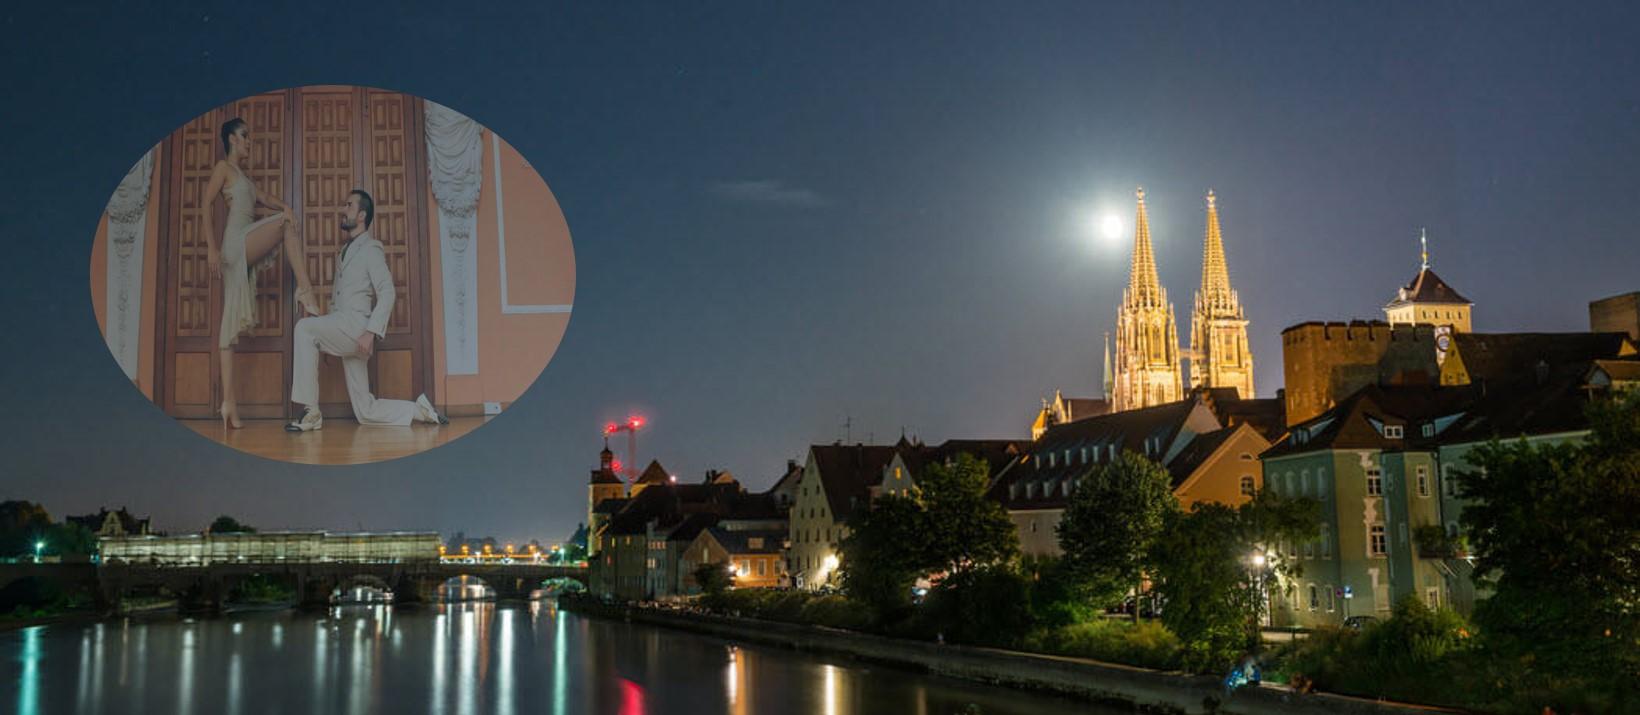 frauen one night stand regensburg